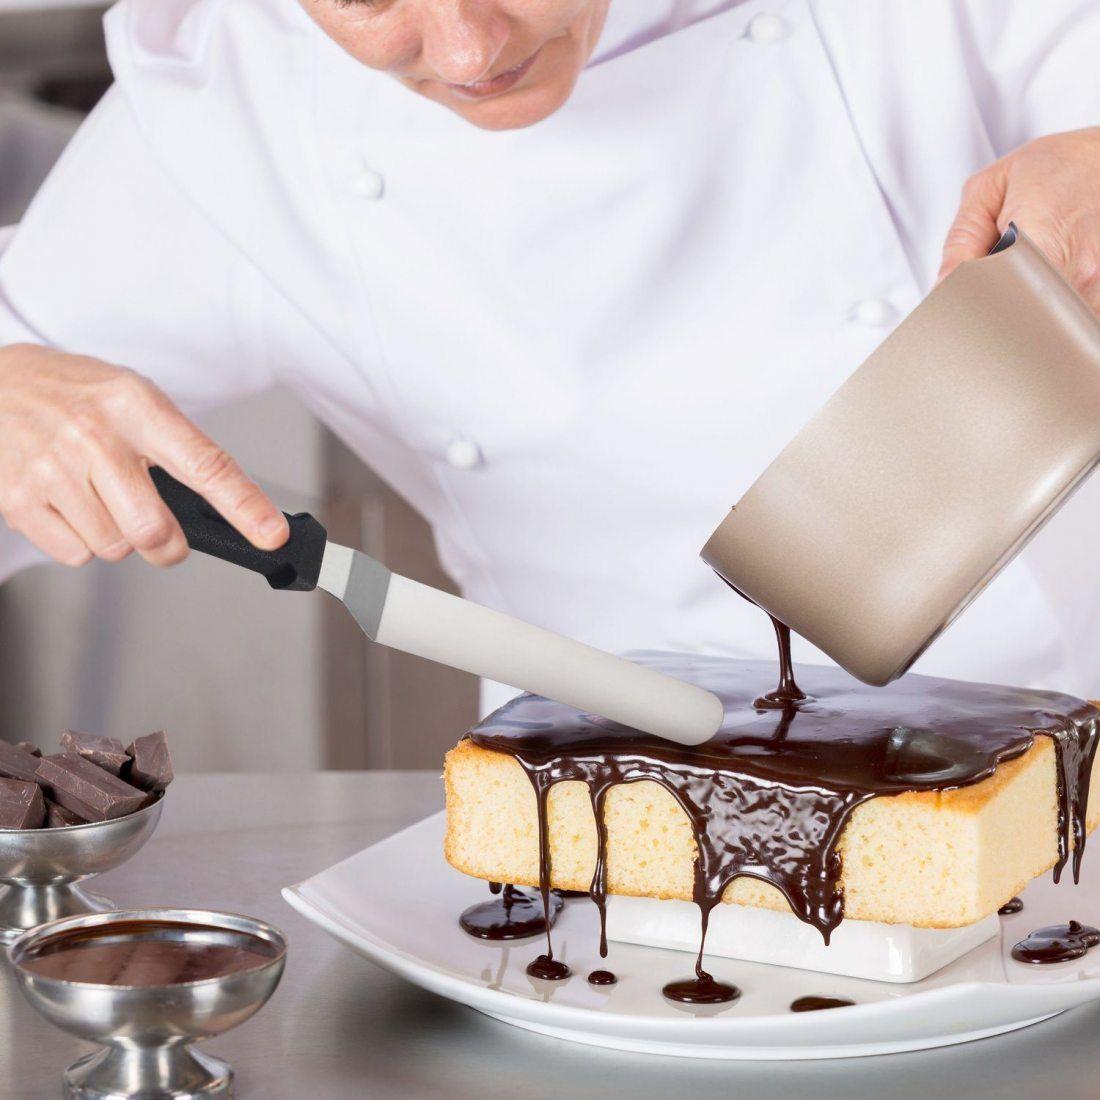 Nobiy's-Lot de 3 Spatule de Glaçage Spatule de Cuisine Coudée Patisserie Couteau Palette Pelle Cuisine en Acier Inox-Noir